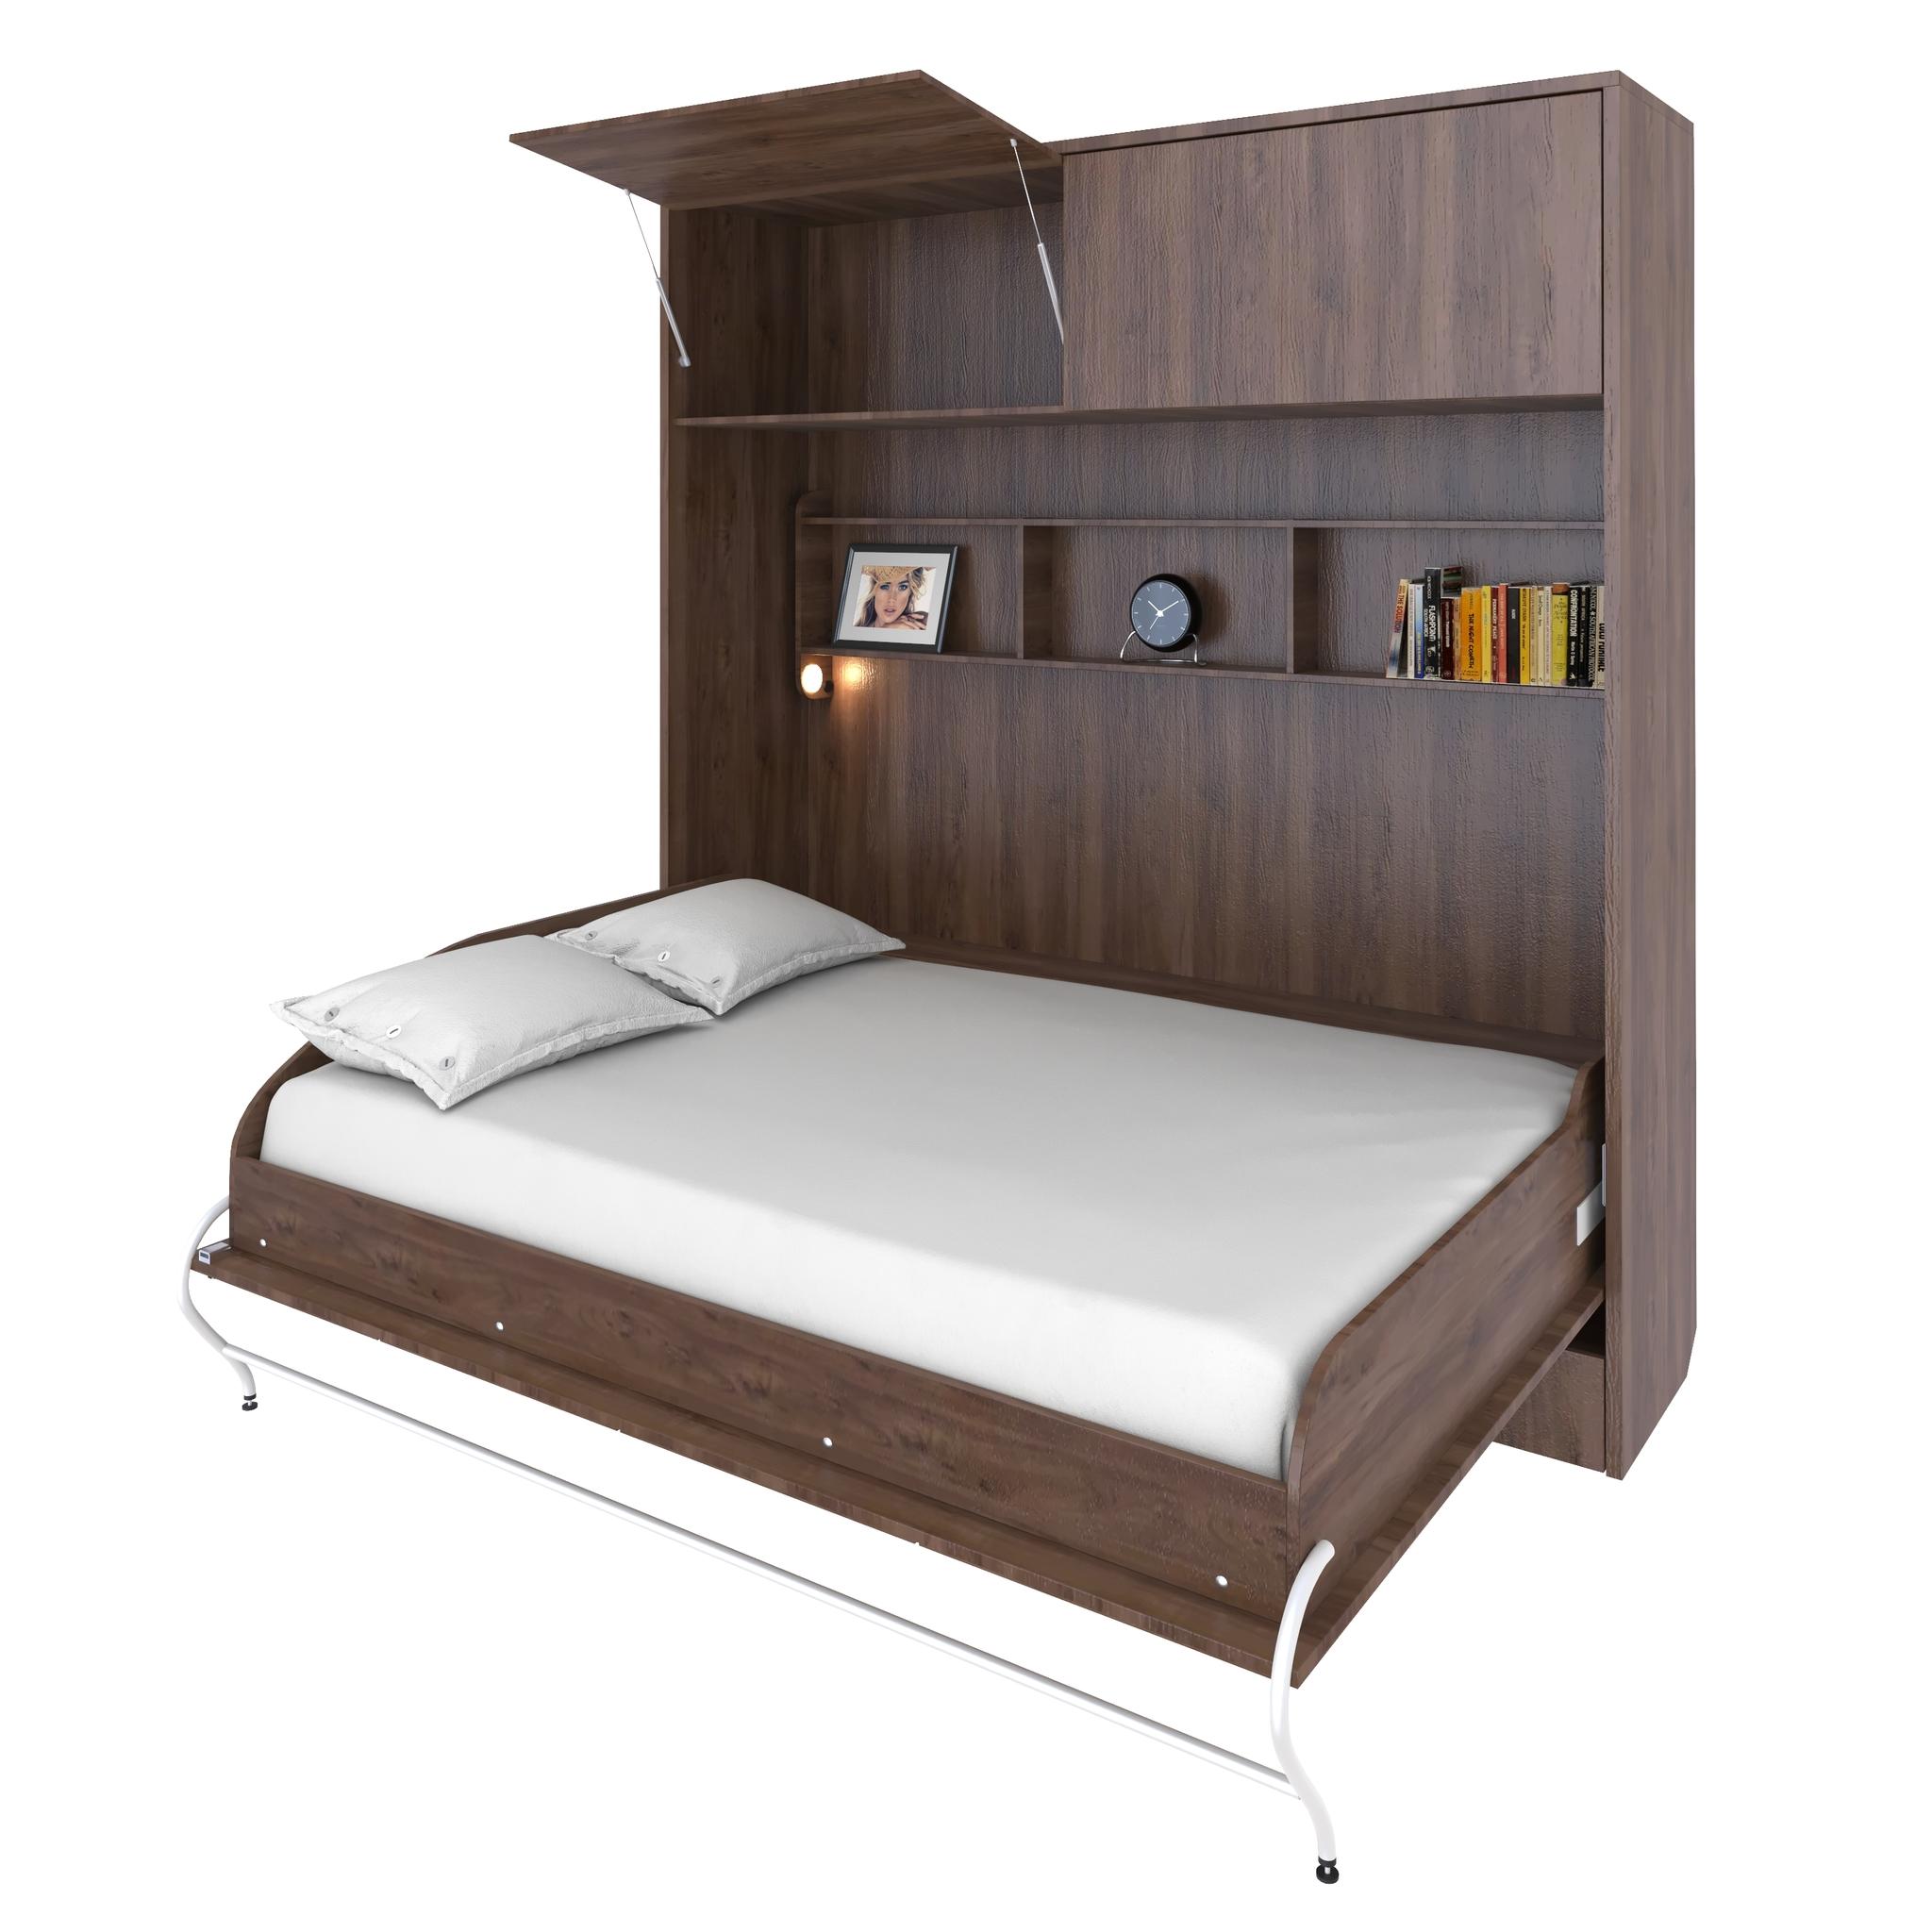 Шкаф-кровать горизонтальная двуспальная 140 см